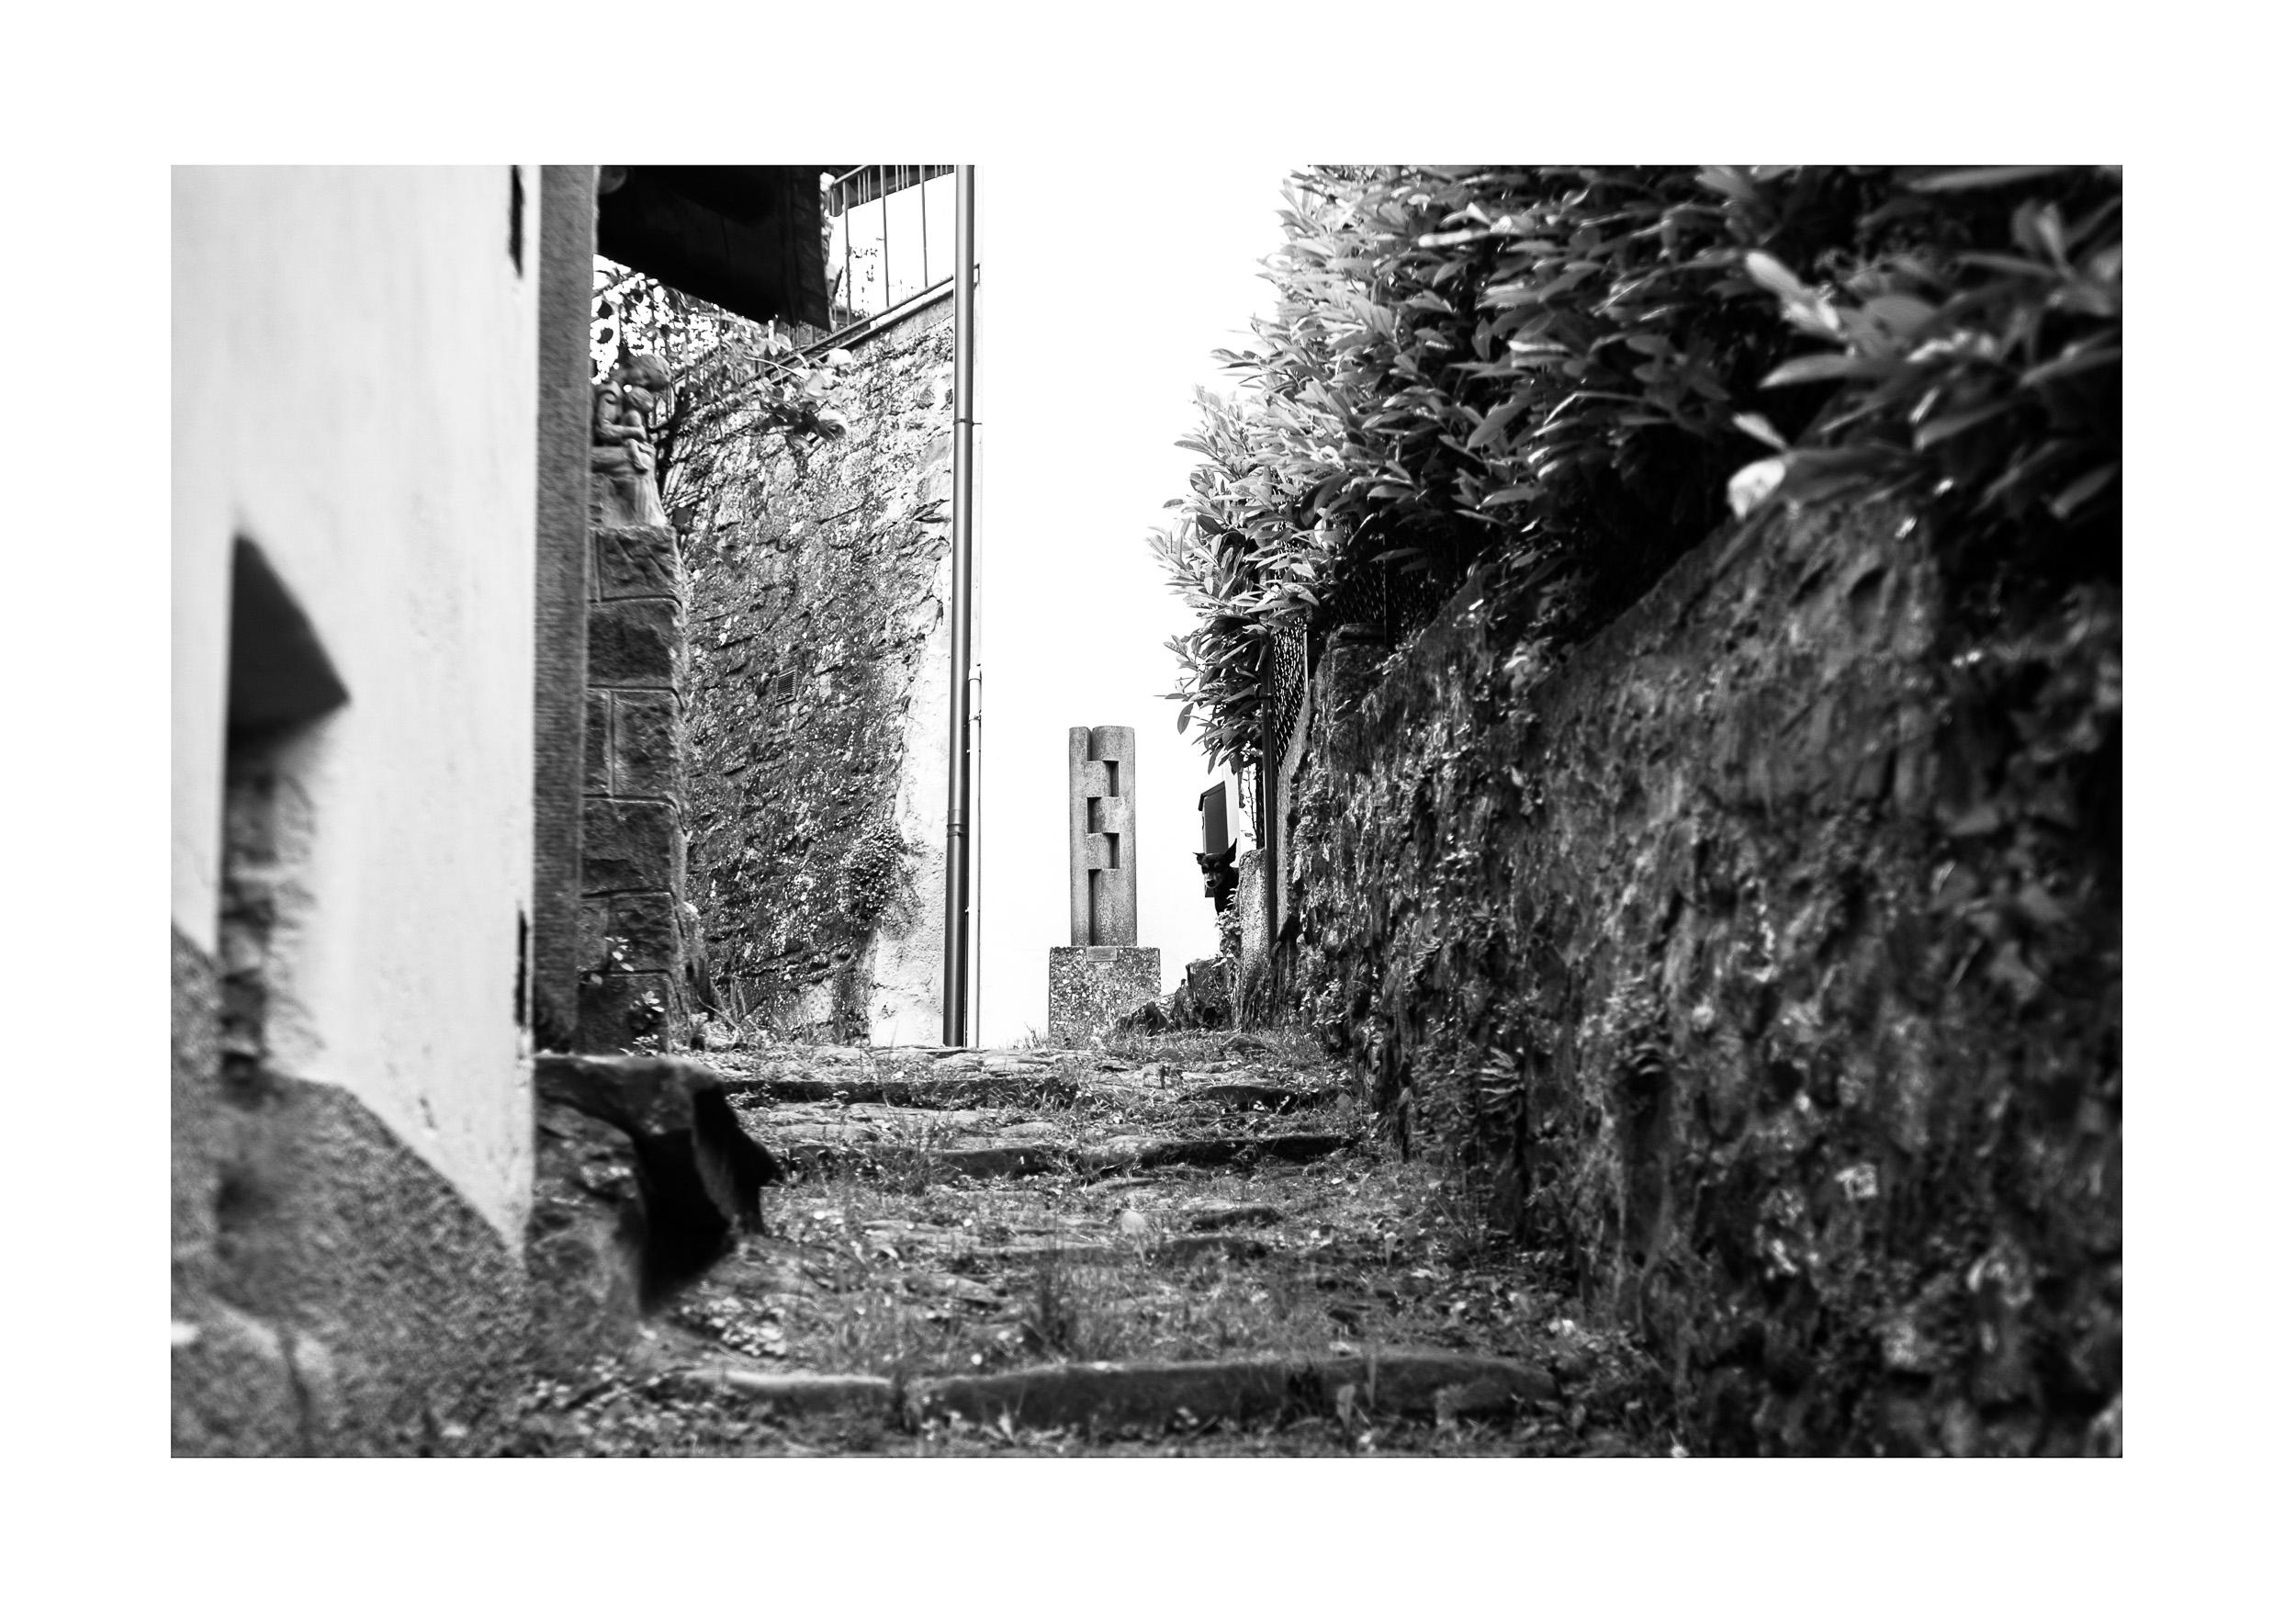 """La via delle artiste donne a Castagno, con le sculture """"La madre"""" di Chiara Coda e """"L'unione"""" di  Diana Baylon  - Foto: Rachele Salvioli, 12 Maggio 2019"""